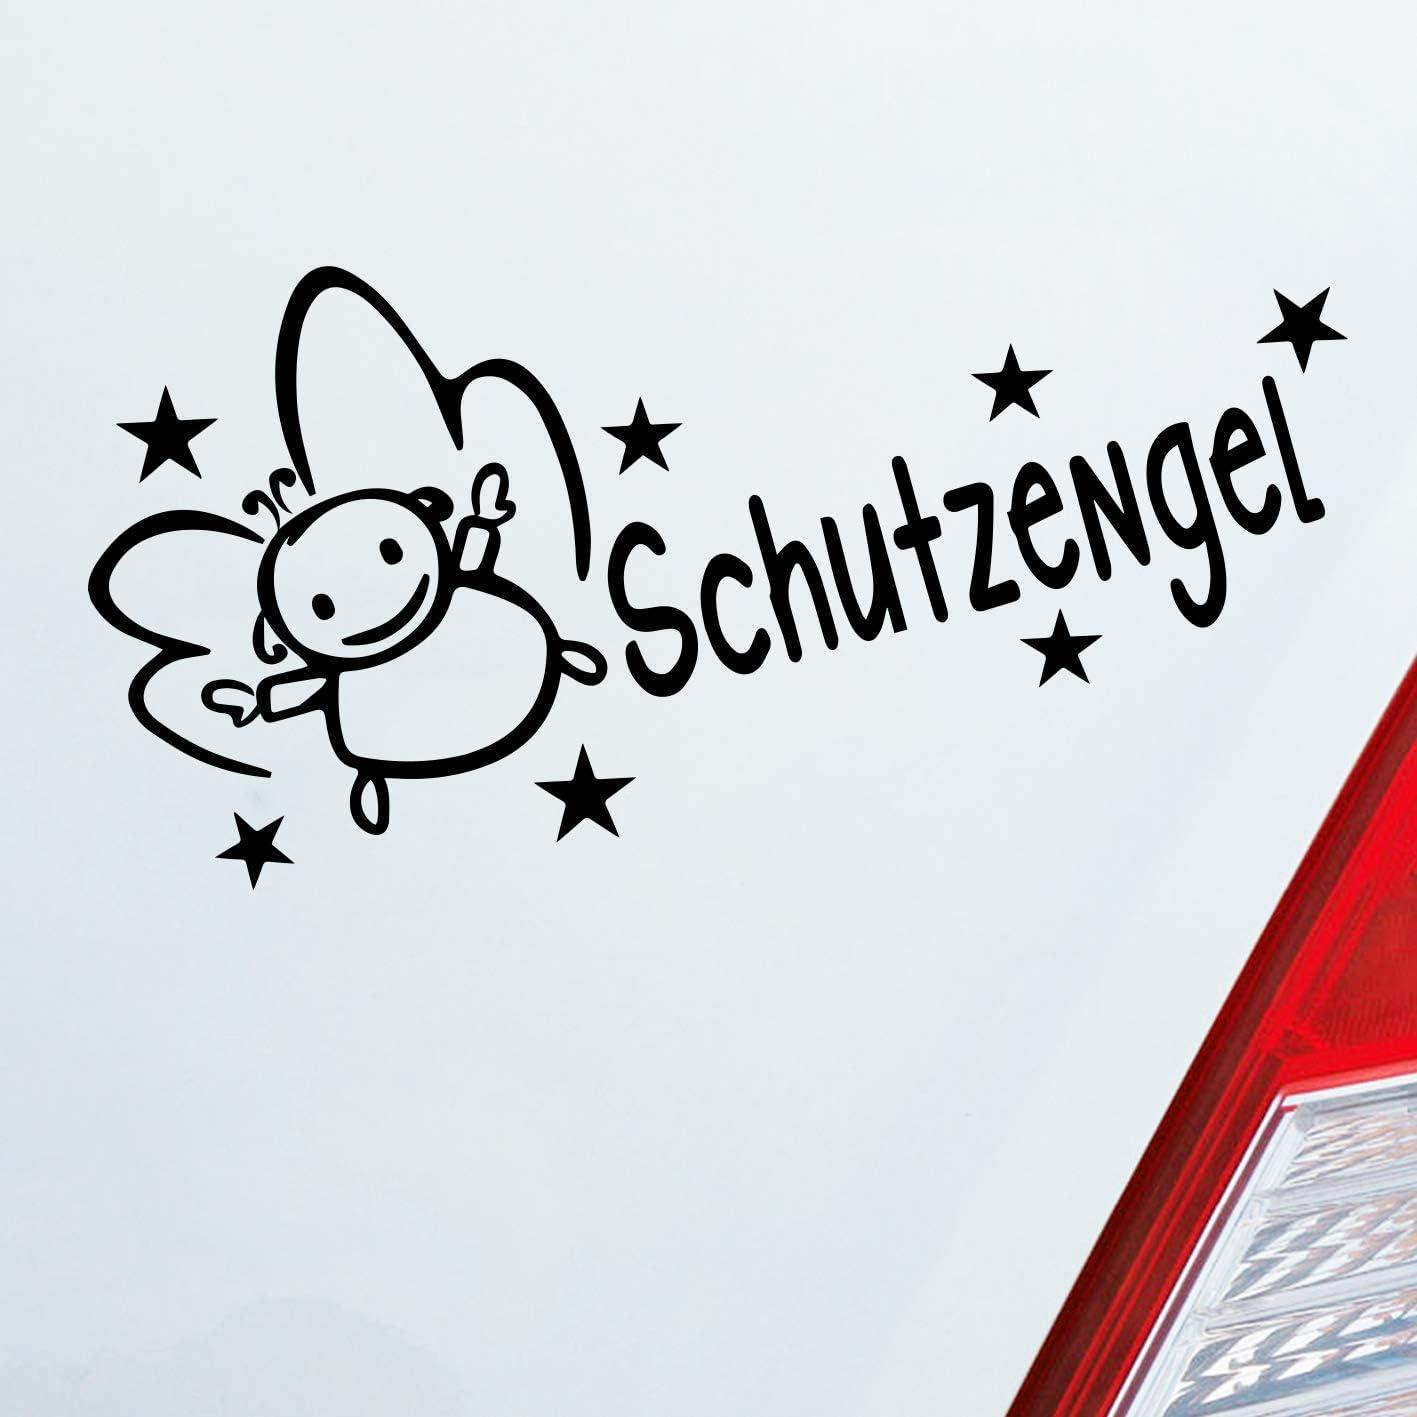 Auto Aufkleber In Deiner Wunschfarbe Schutzengel Fahrt Schutz Engel Angel Guard 15x7cm Autoaufkleber Sticker Folie Auto